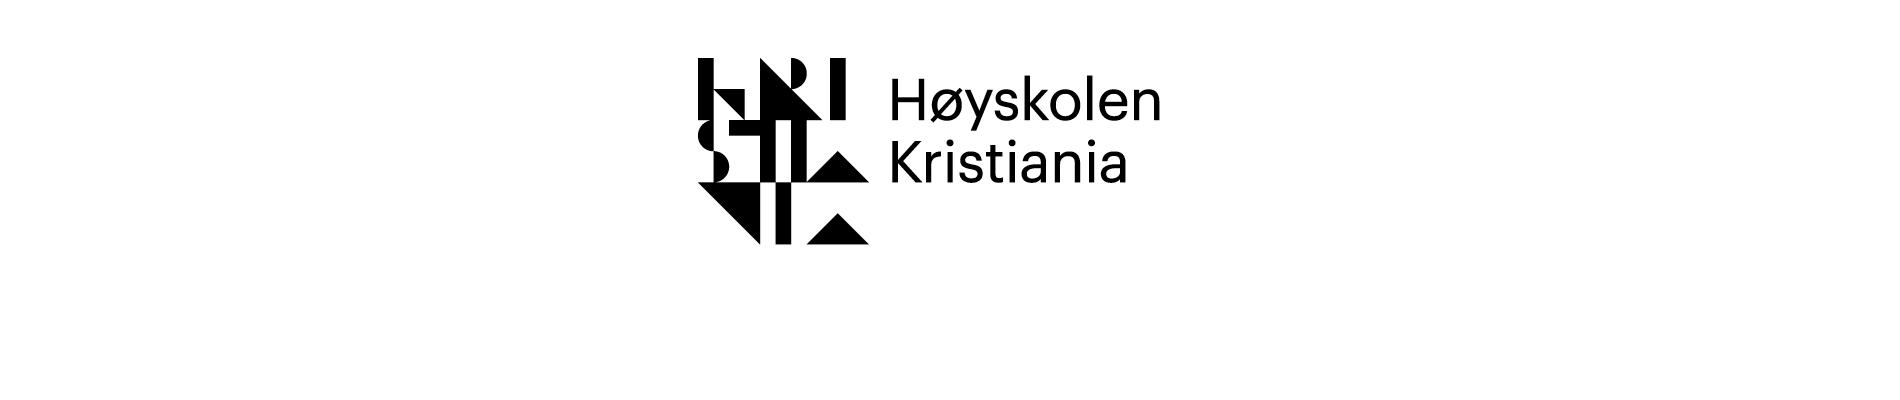 Nå er vi en del av Høyskolen Kristiania